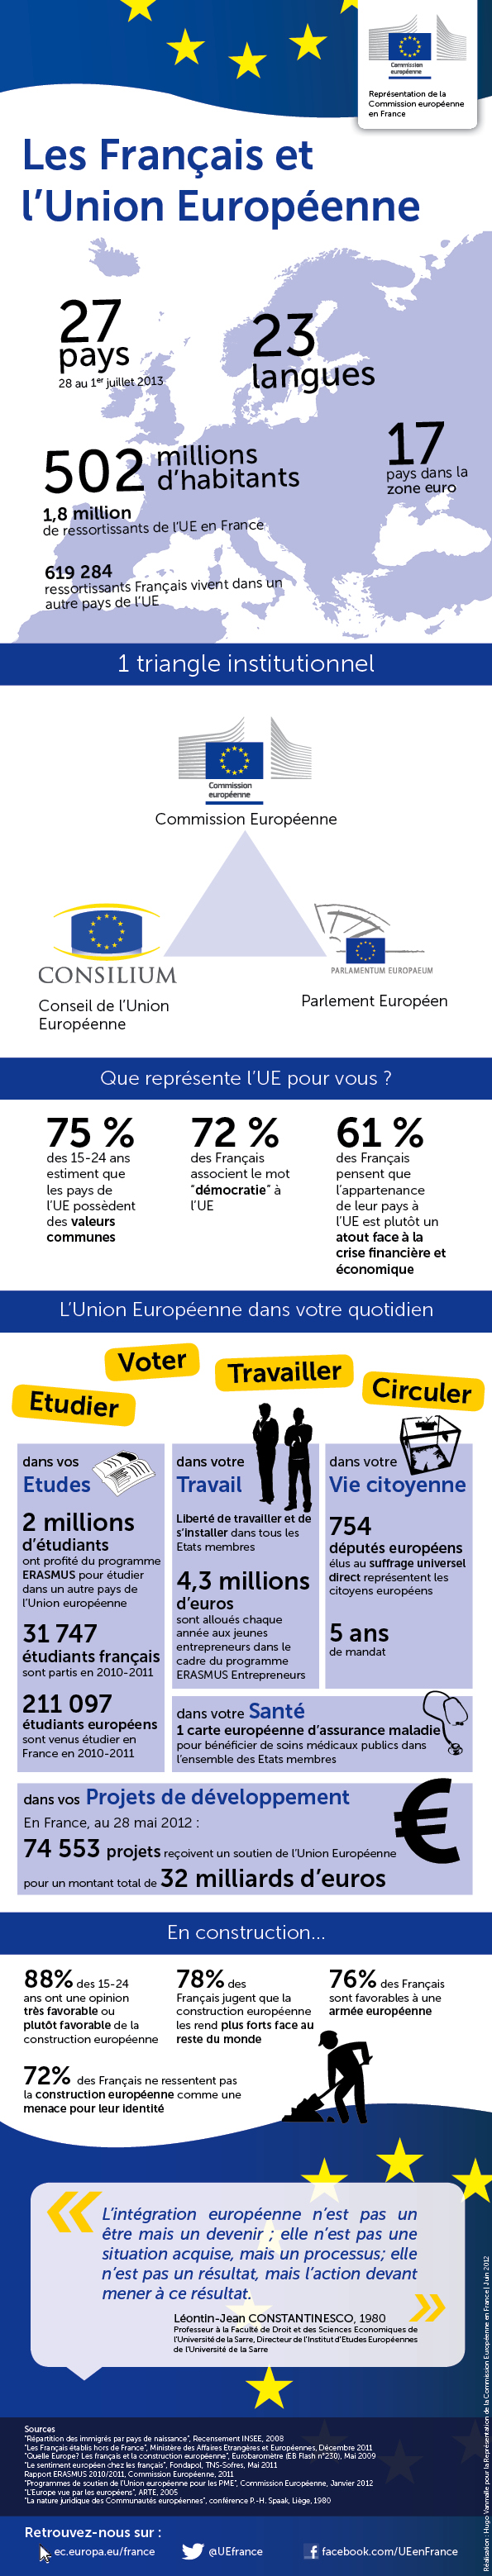 Infographie - Les français et l'Union européenne